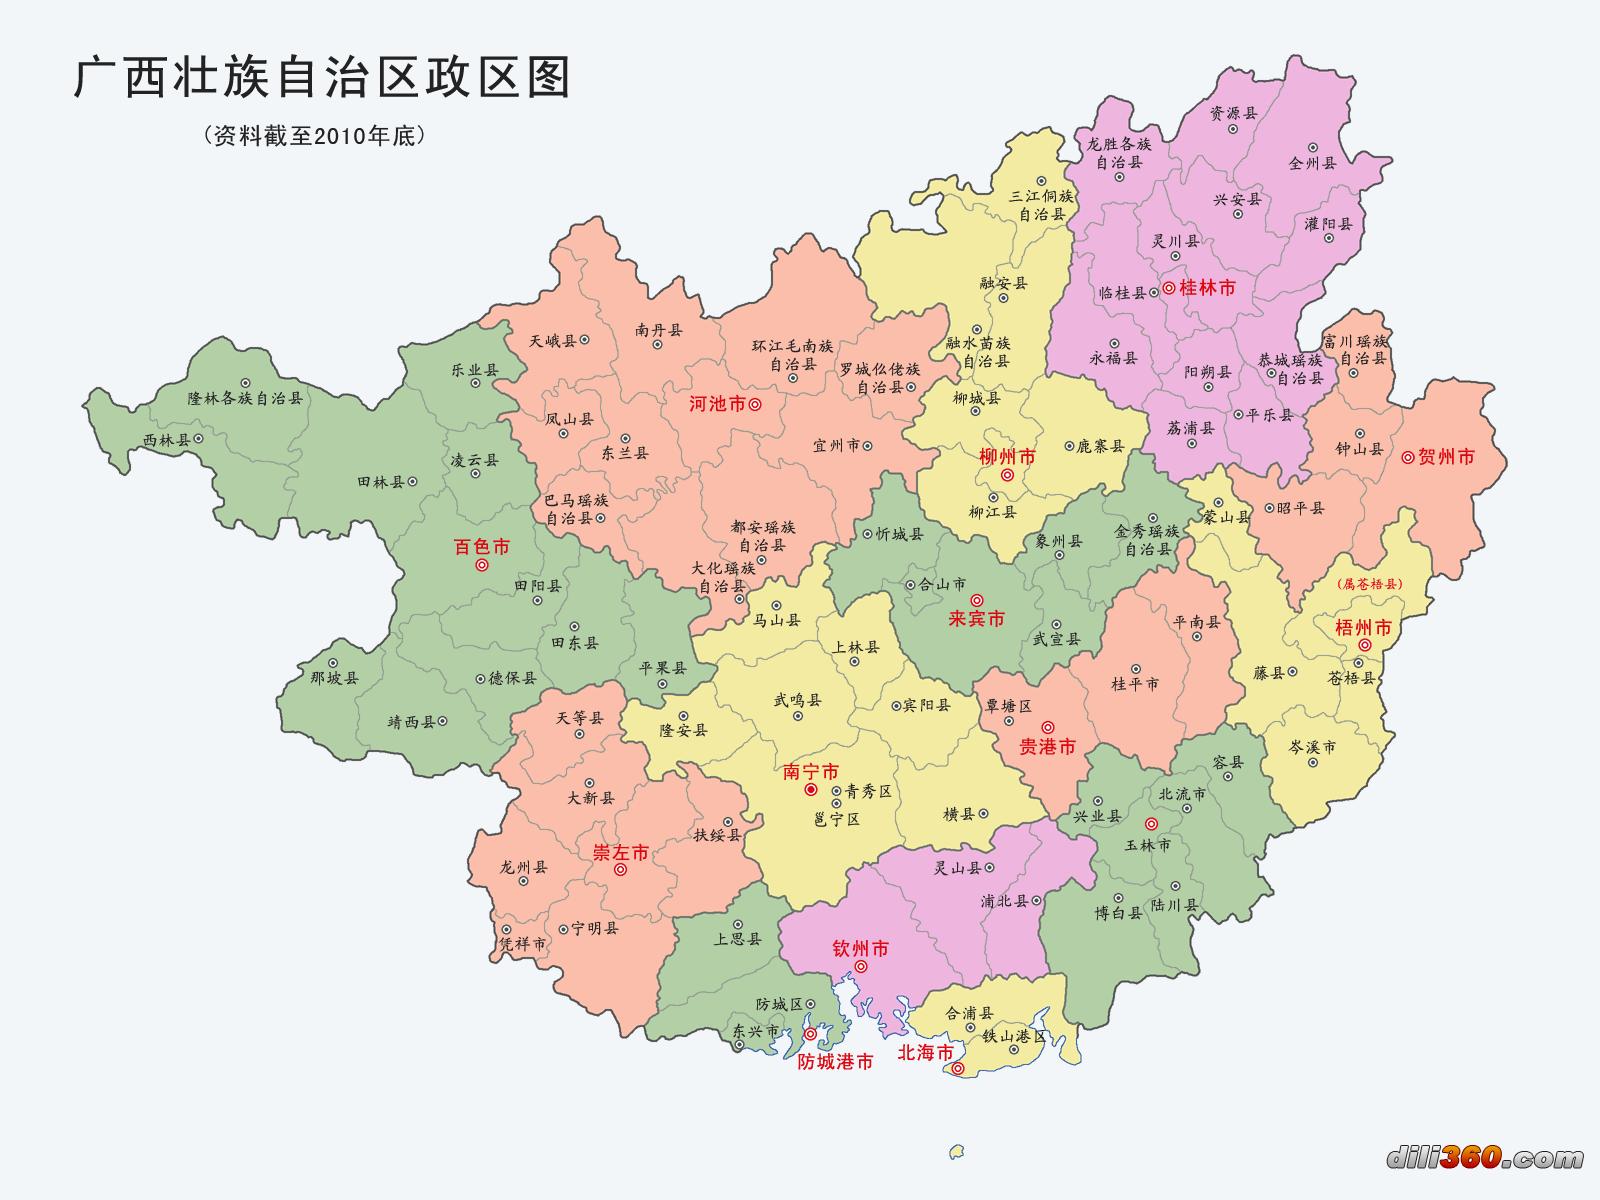 广西政区图-地图专区-地图专区